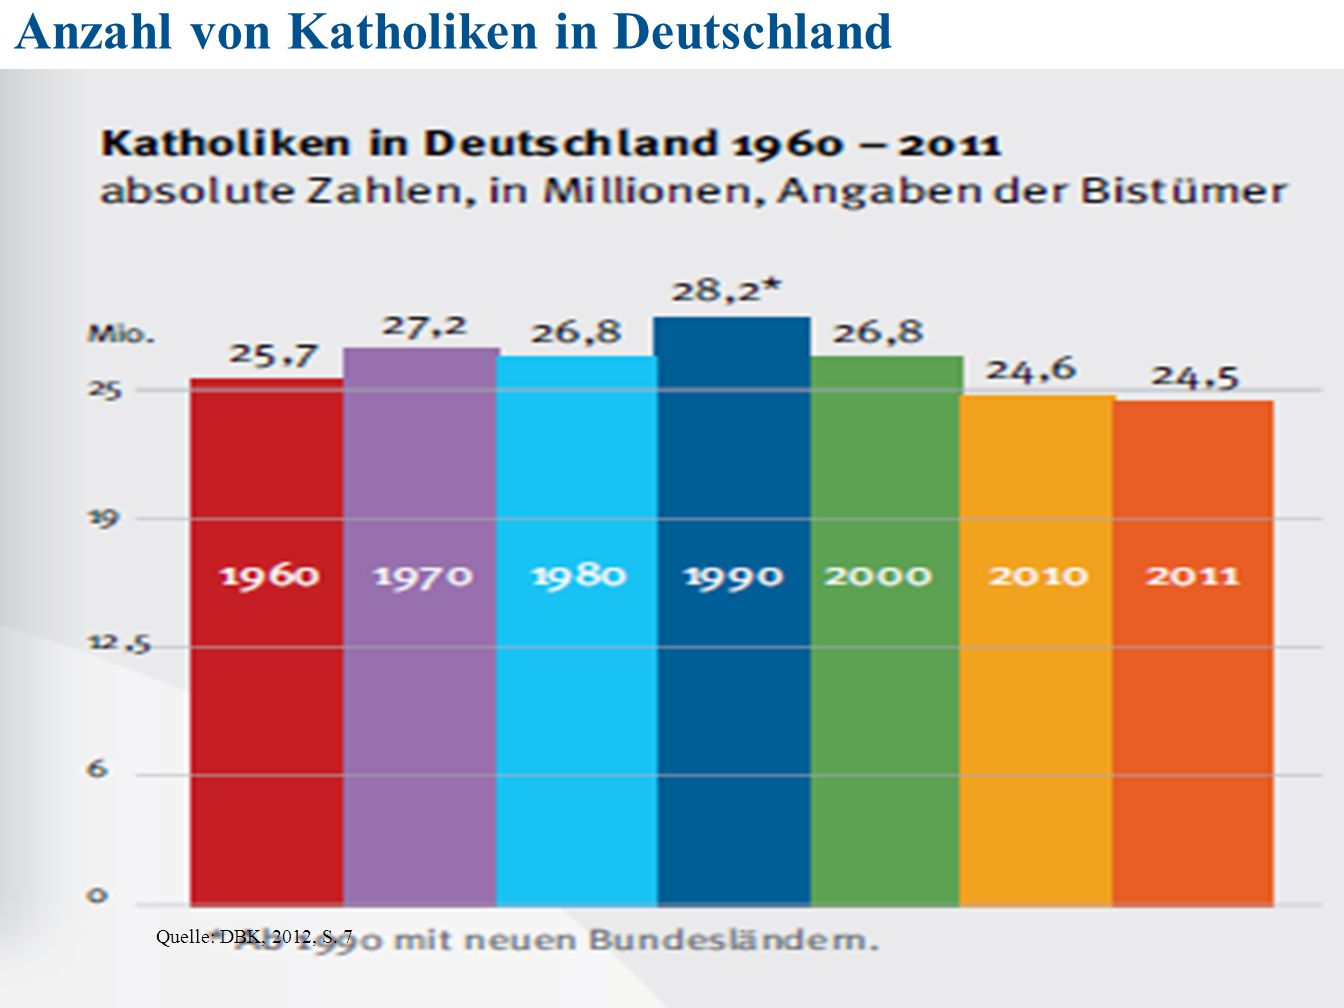 Anzahl von Katholiken in Deutschland